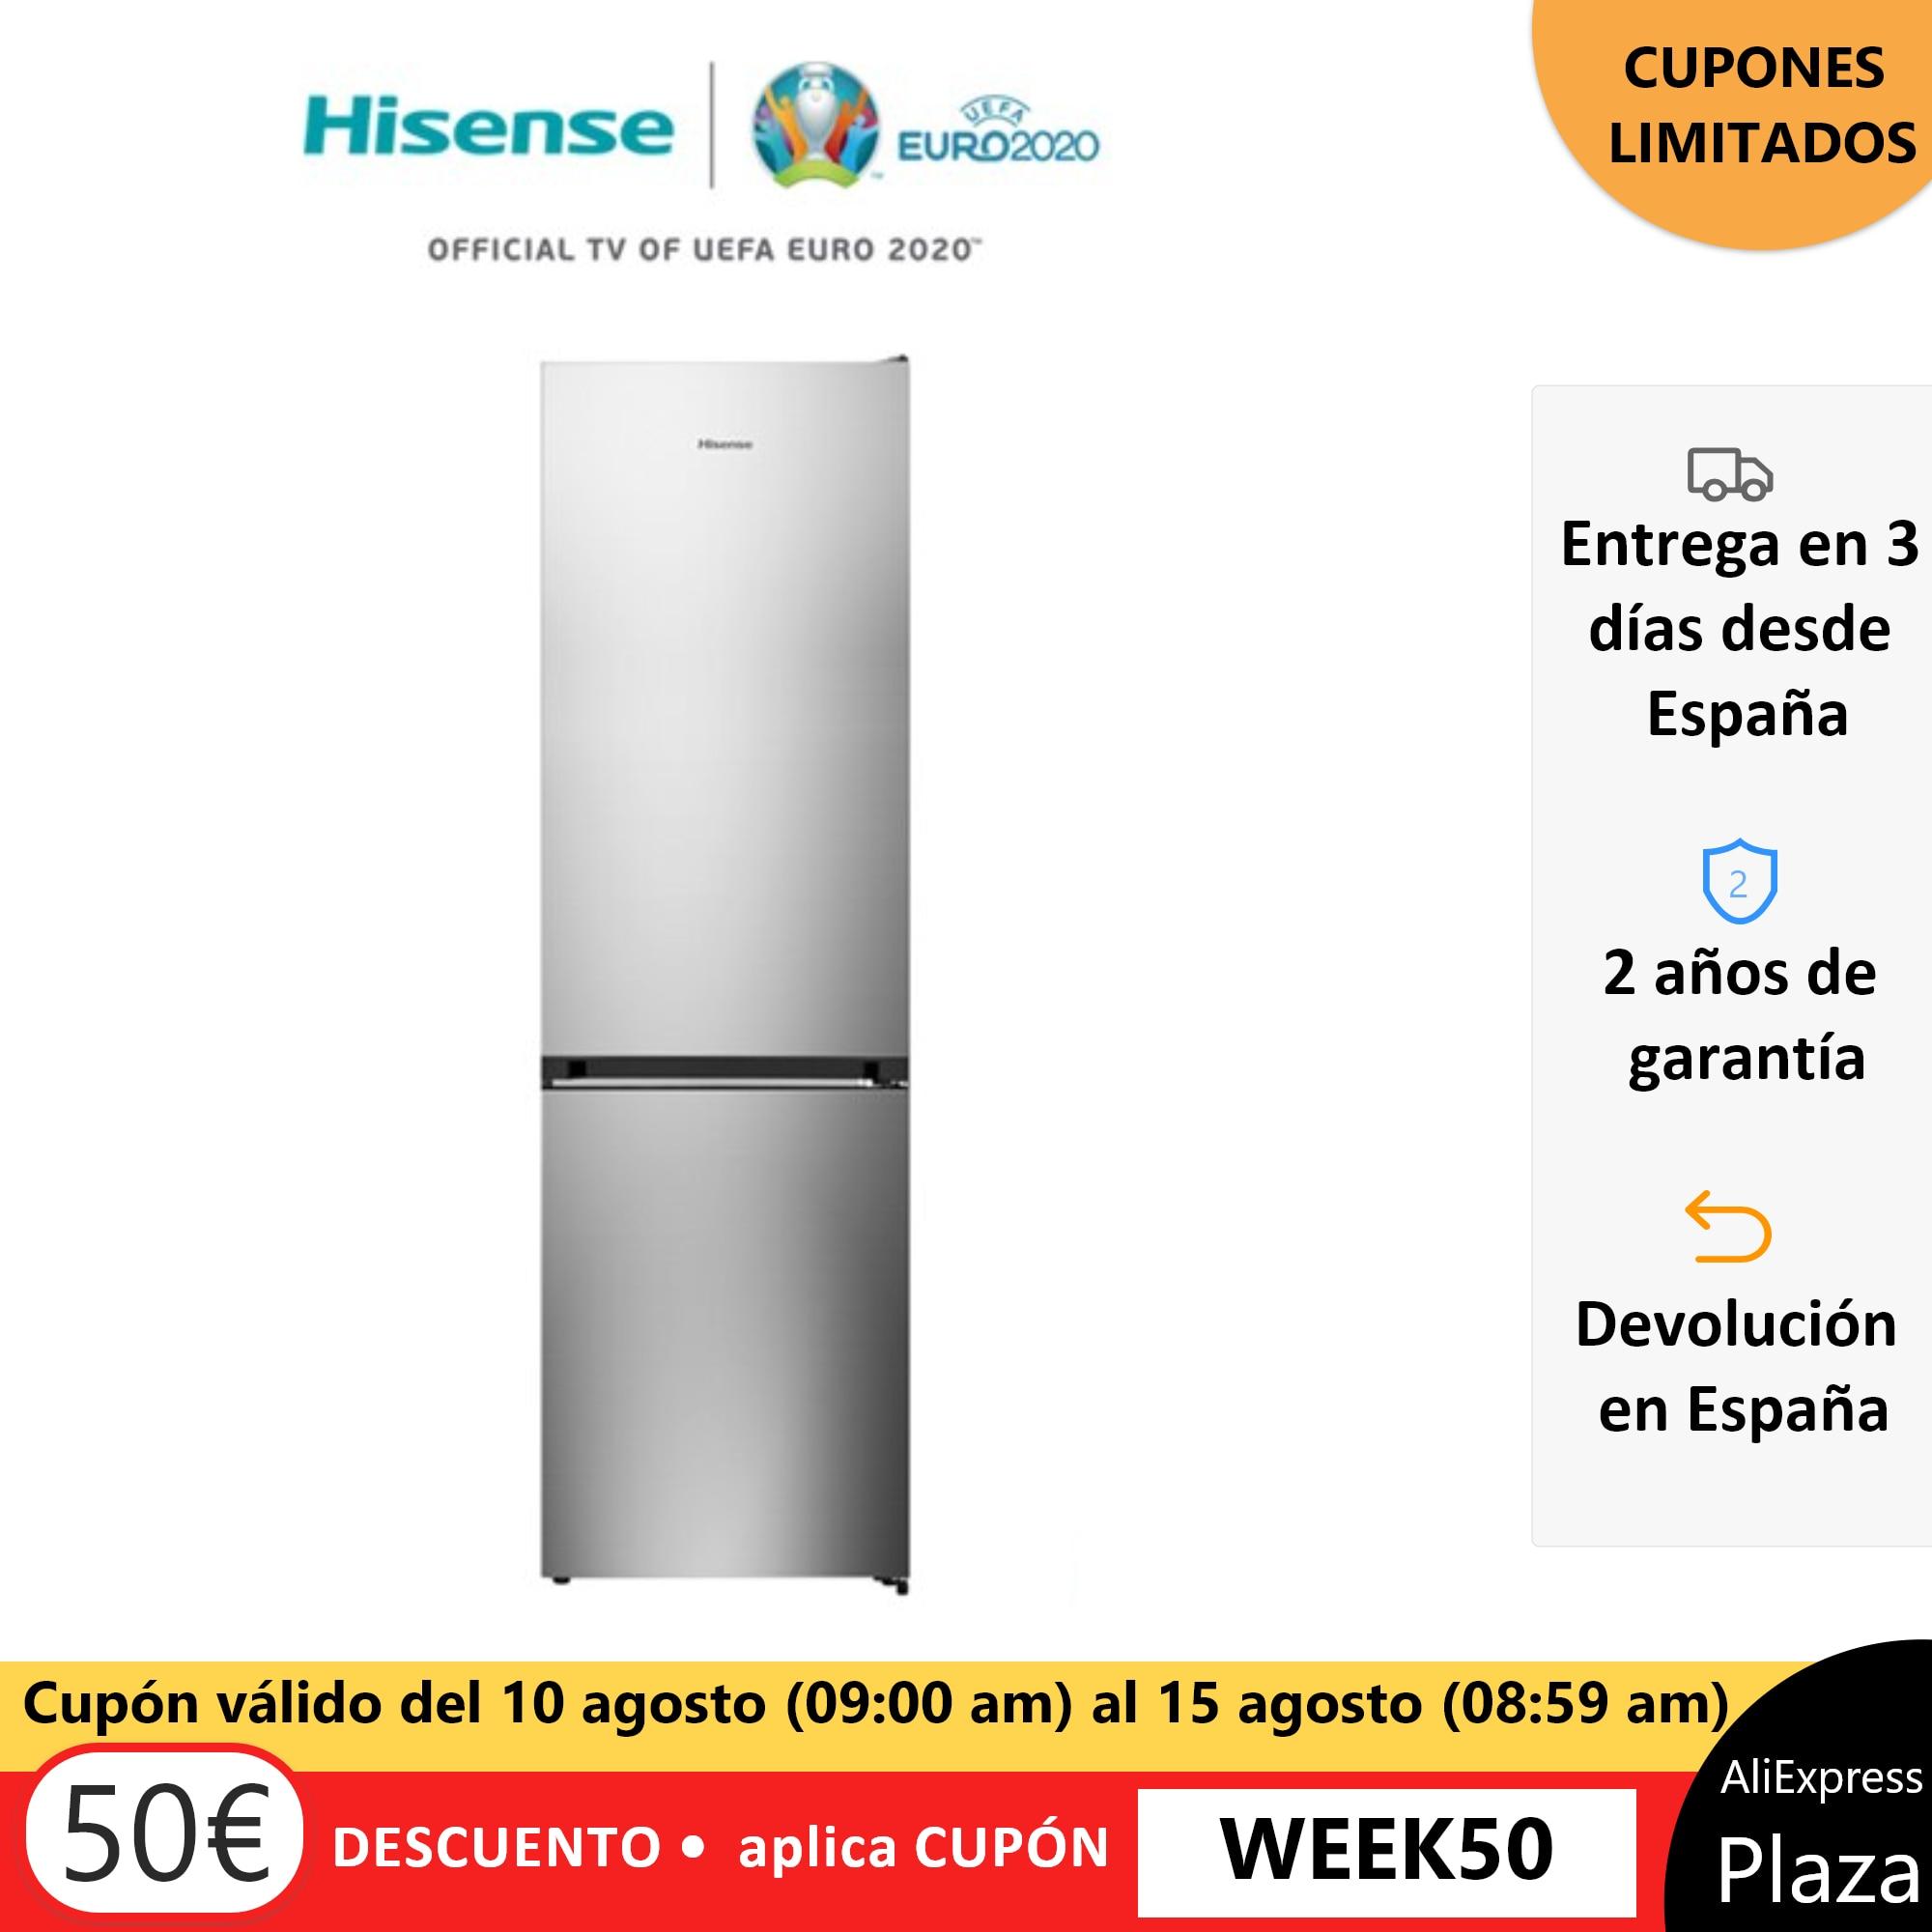 Hisense RB438N4EC3 réfrigérateur, réfrigérateur, 334 litres, No frost, classe A + +, compresseur inverseur, silencieux